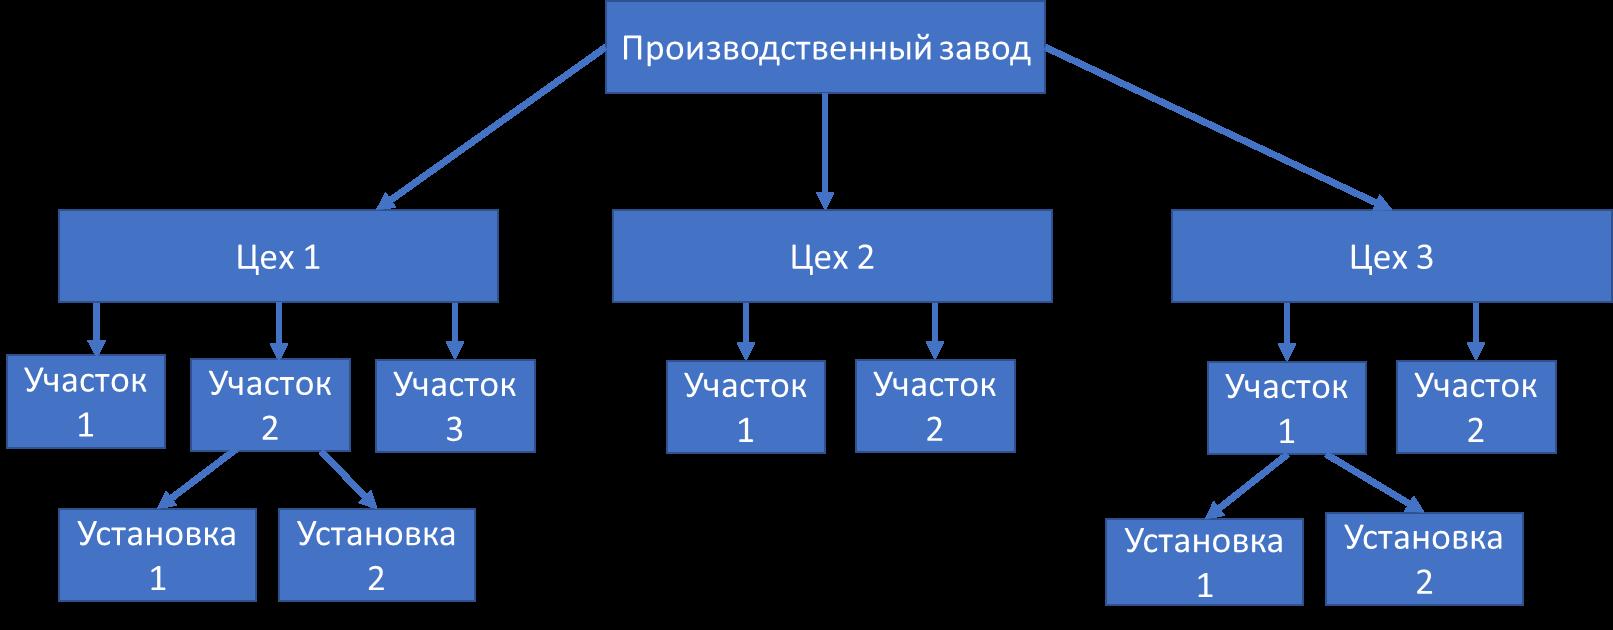 Пример иерархии ТМ